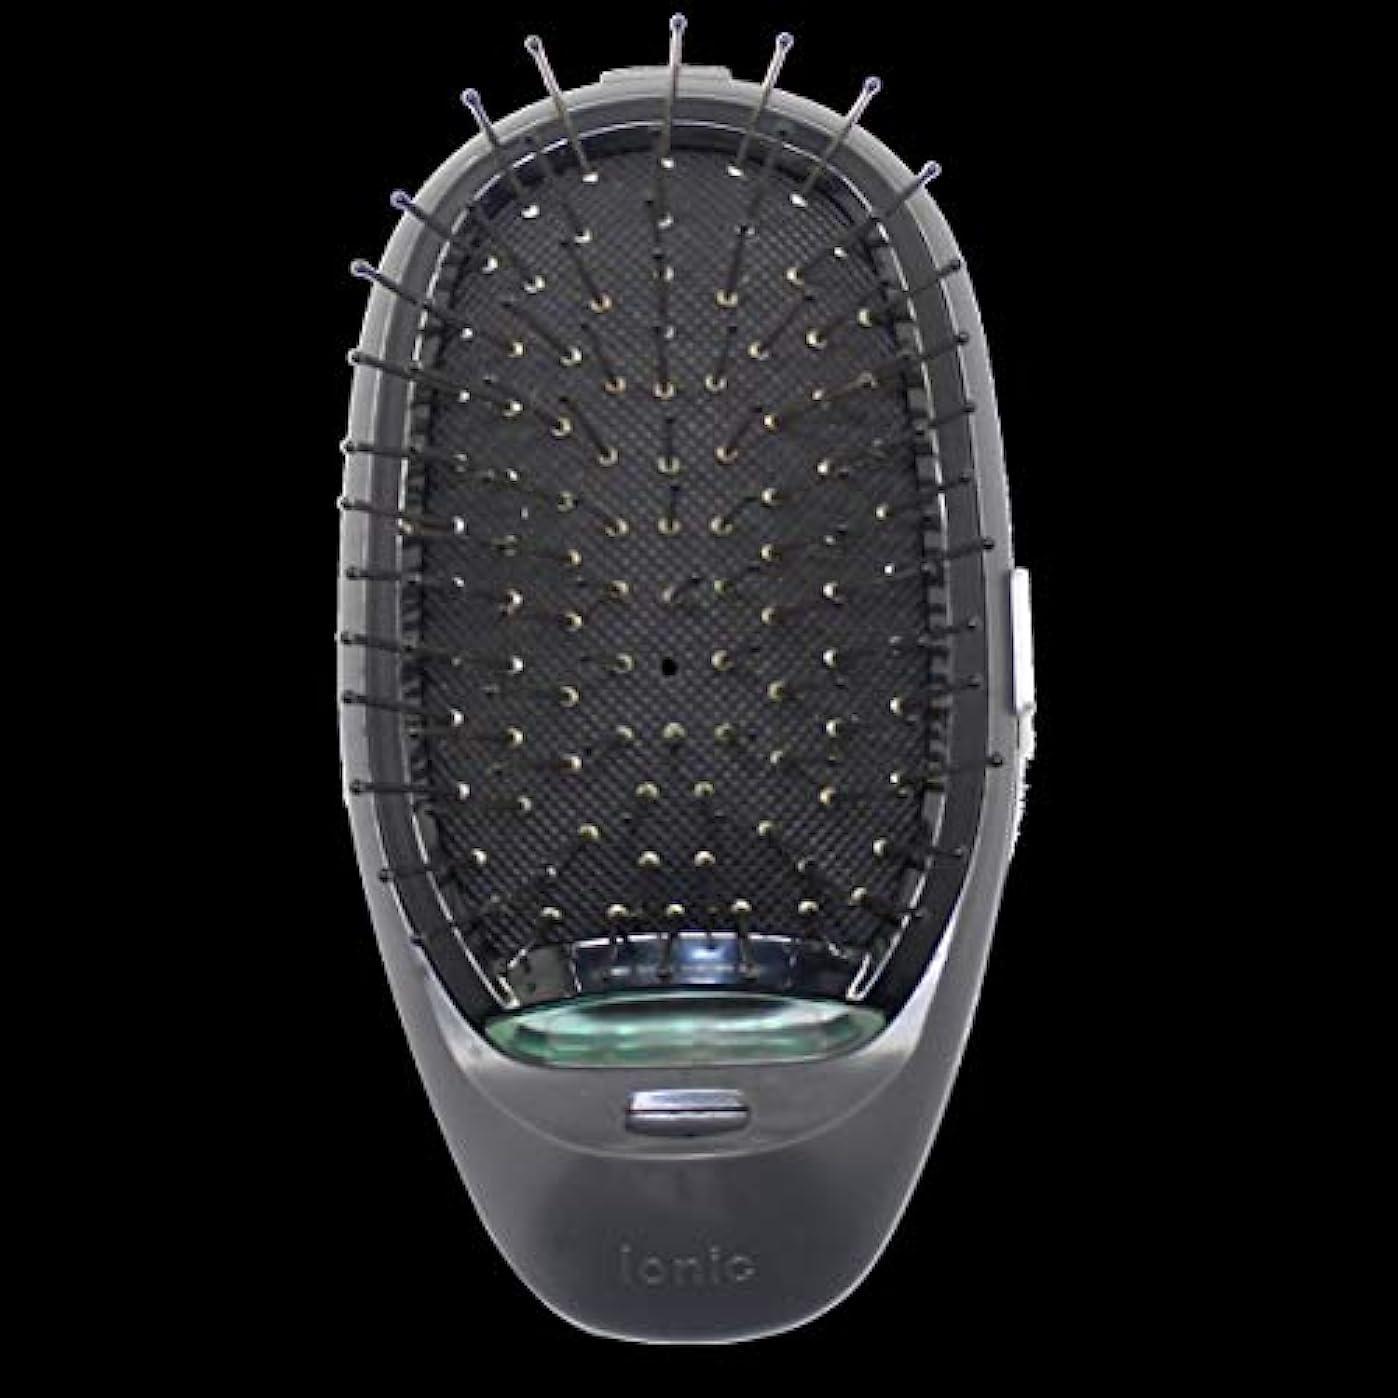 父方のかわいらしいはさみ電動マッサージヘアブラシミニマイナスイオンヘアコム3Dインフレータブルコーム帯電防止ガールズヘアブラシ電池式 - ブラック